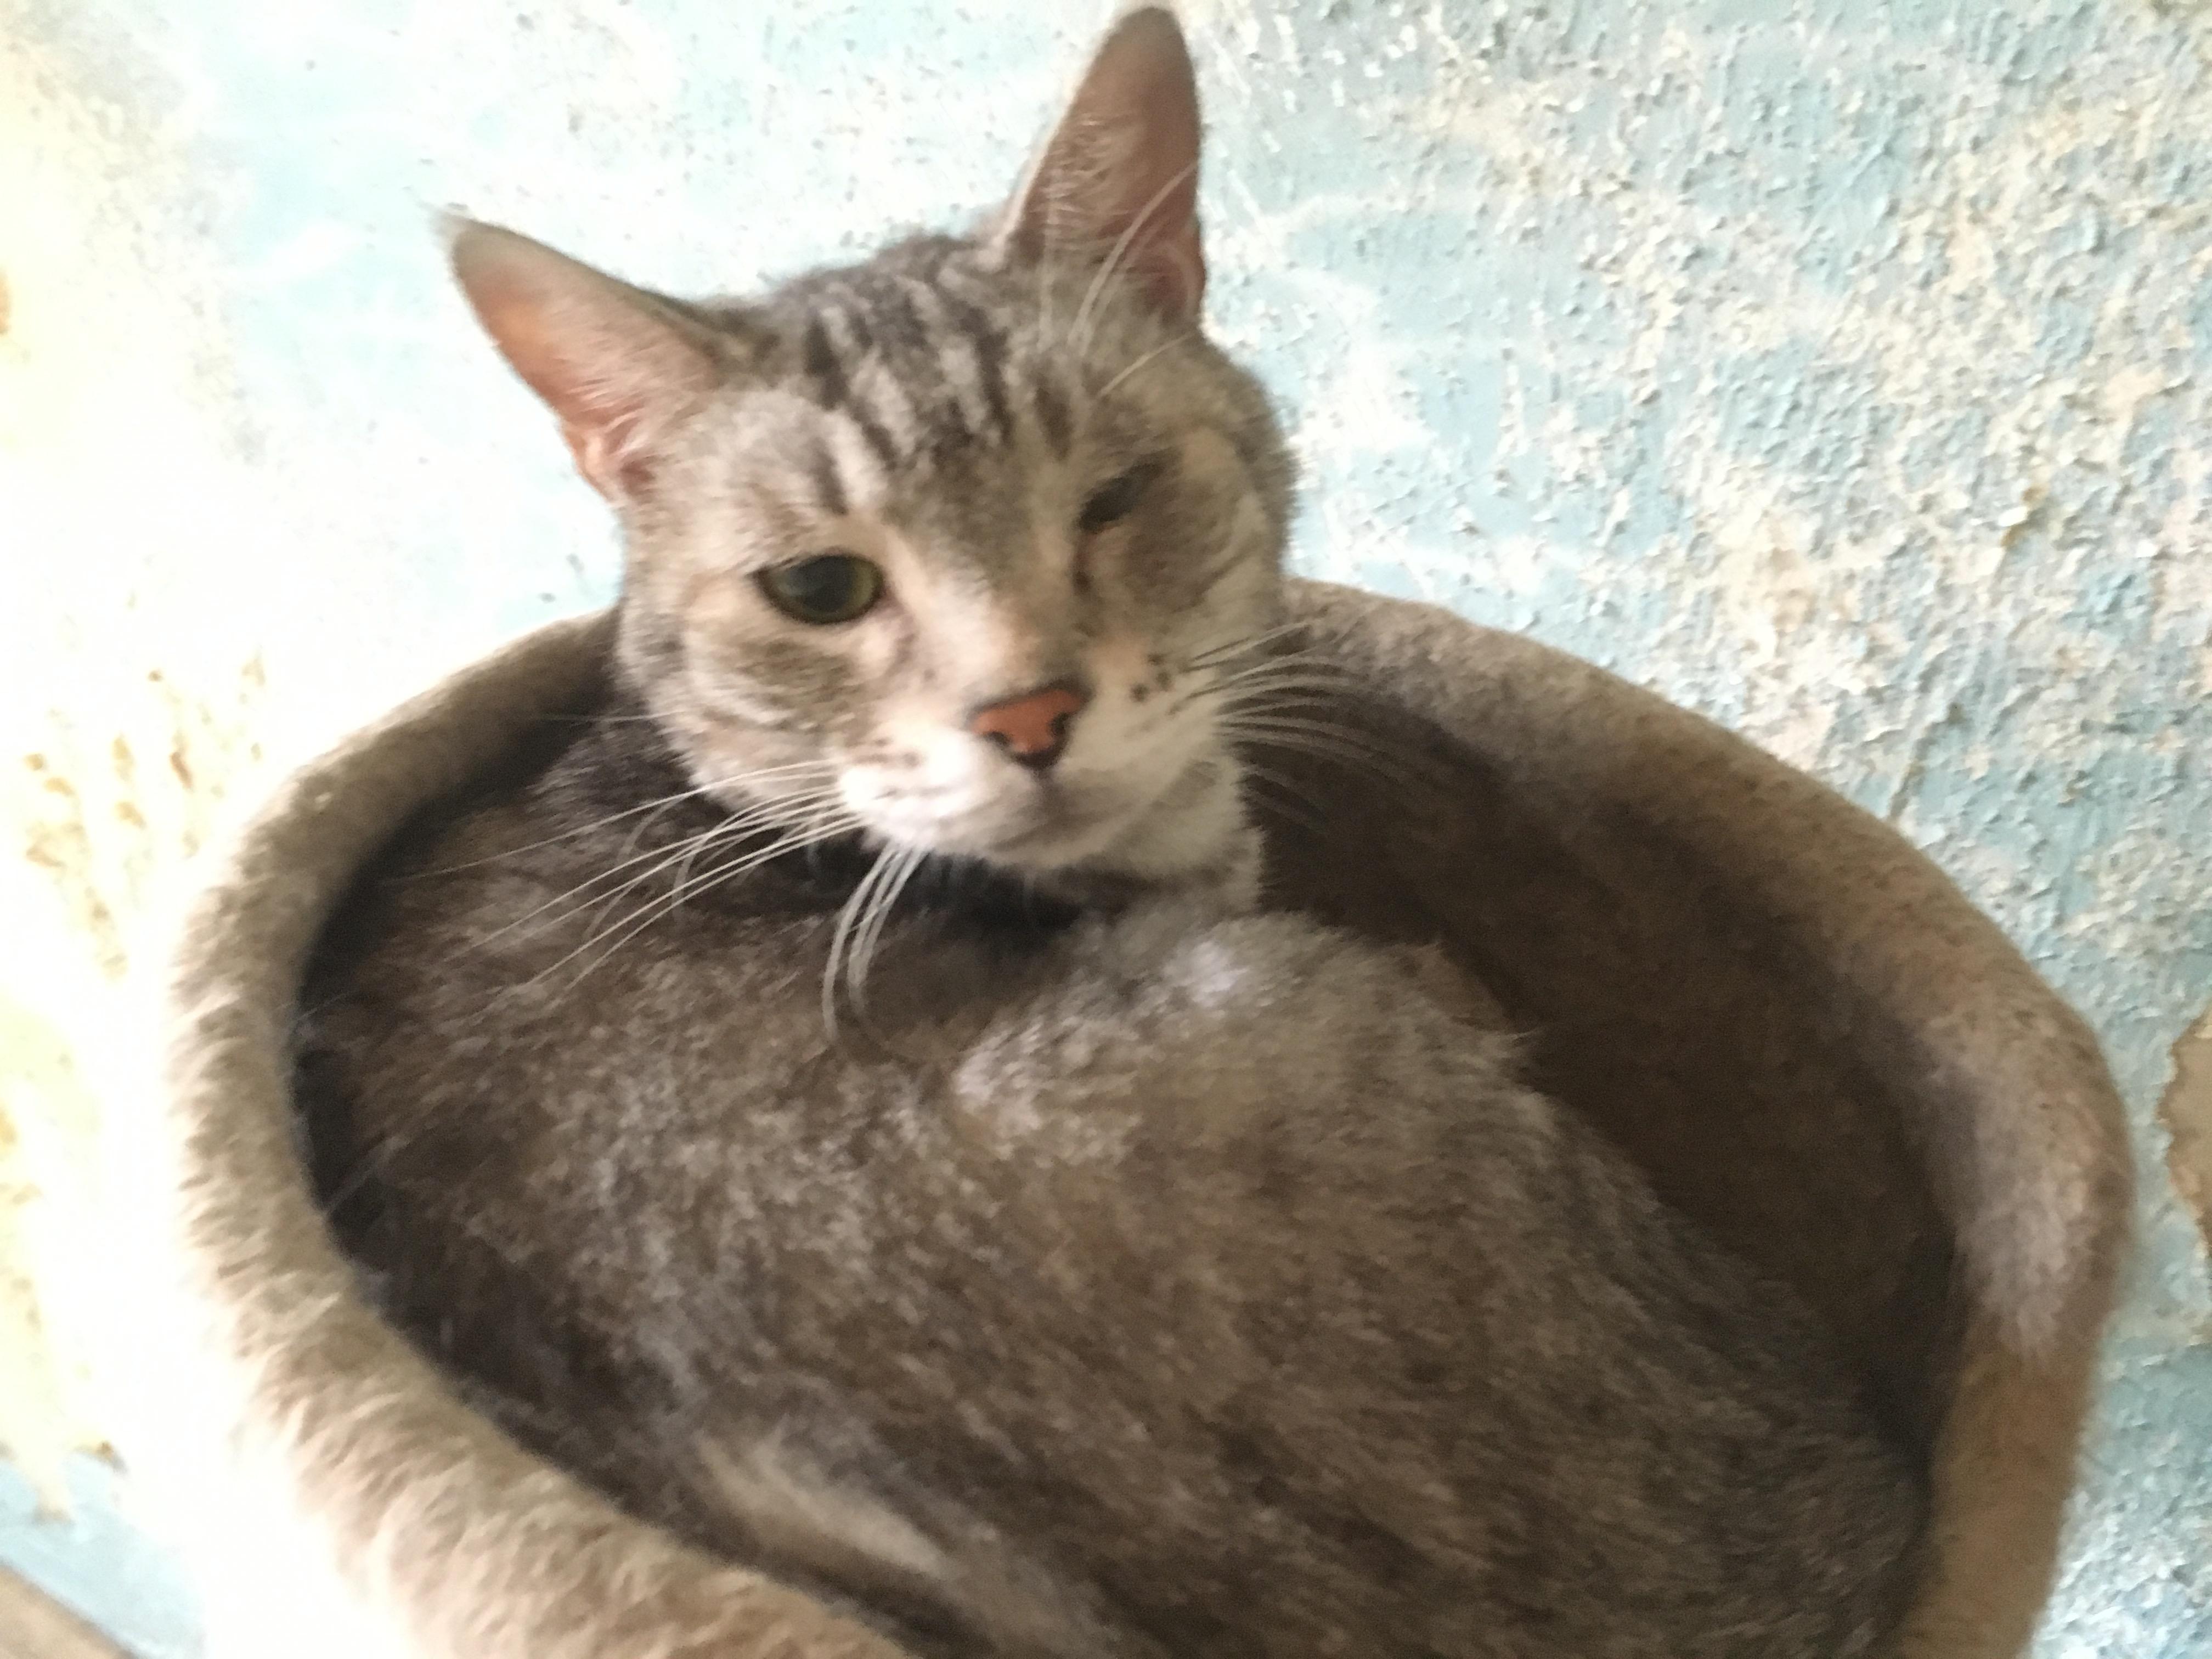 <ul> <li> <li>猫種:日本猫 グレー</li> <li>性別:男の子</li> <li>名前:ユキ</li> <li>年齢:6才</li> <li>保護経緯:引っ越しのため飼育困難になりました</li> <li>その他:去勢済み</li> </ul>